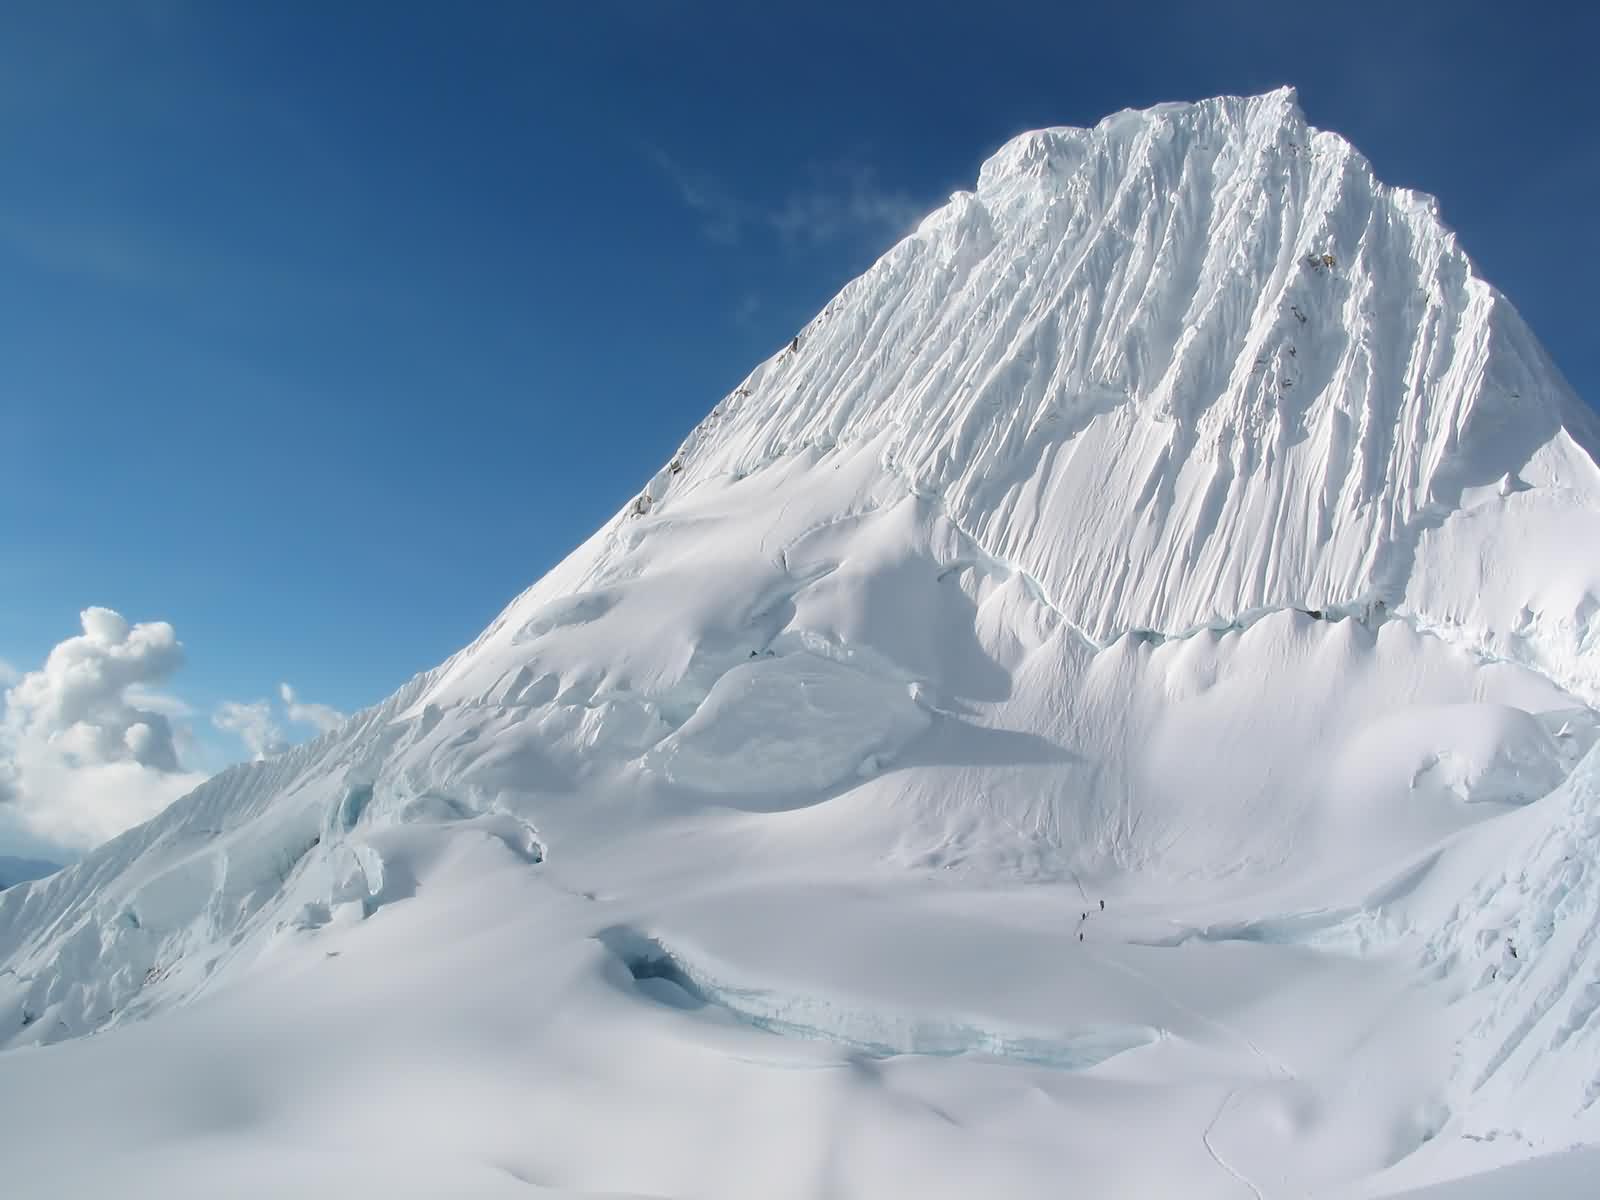 Mountain Background Wallpaper White Ice Mountain